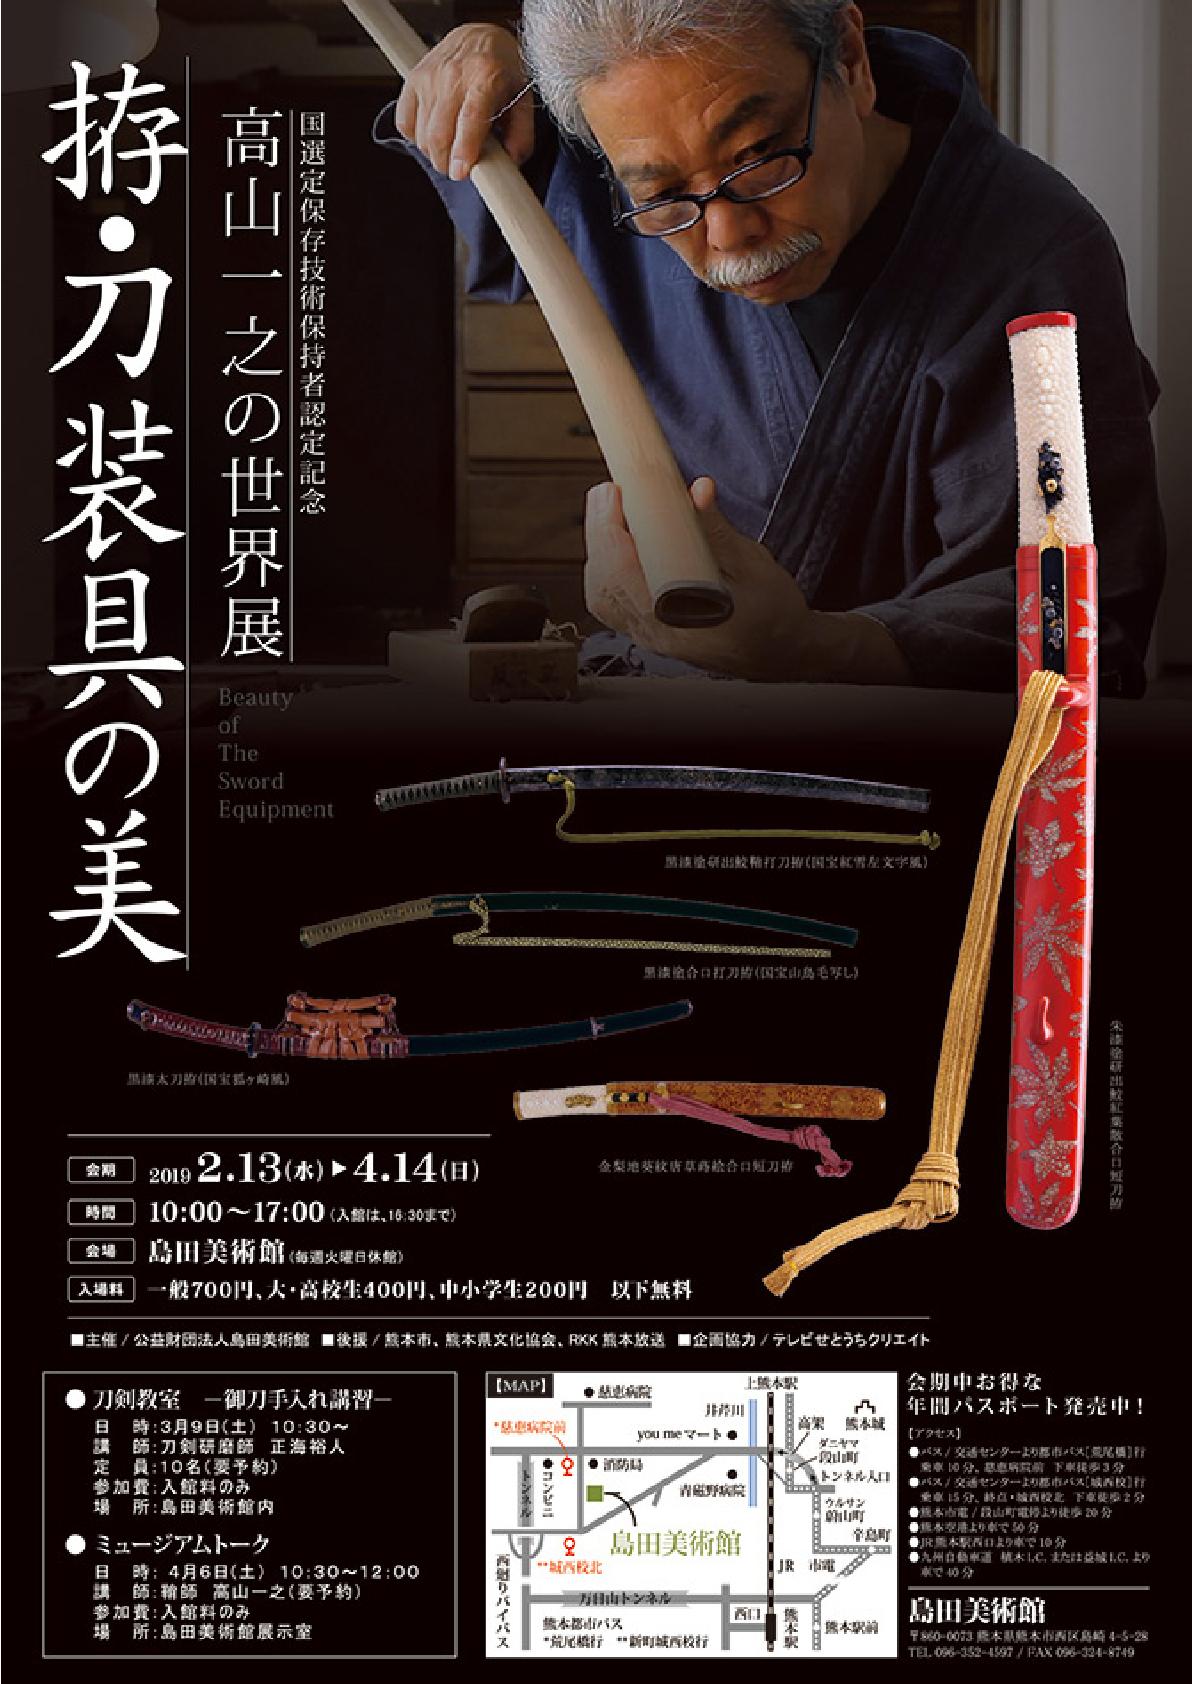 拵・刀装具の美 ~高山一之の世界~チラシ1